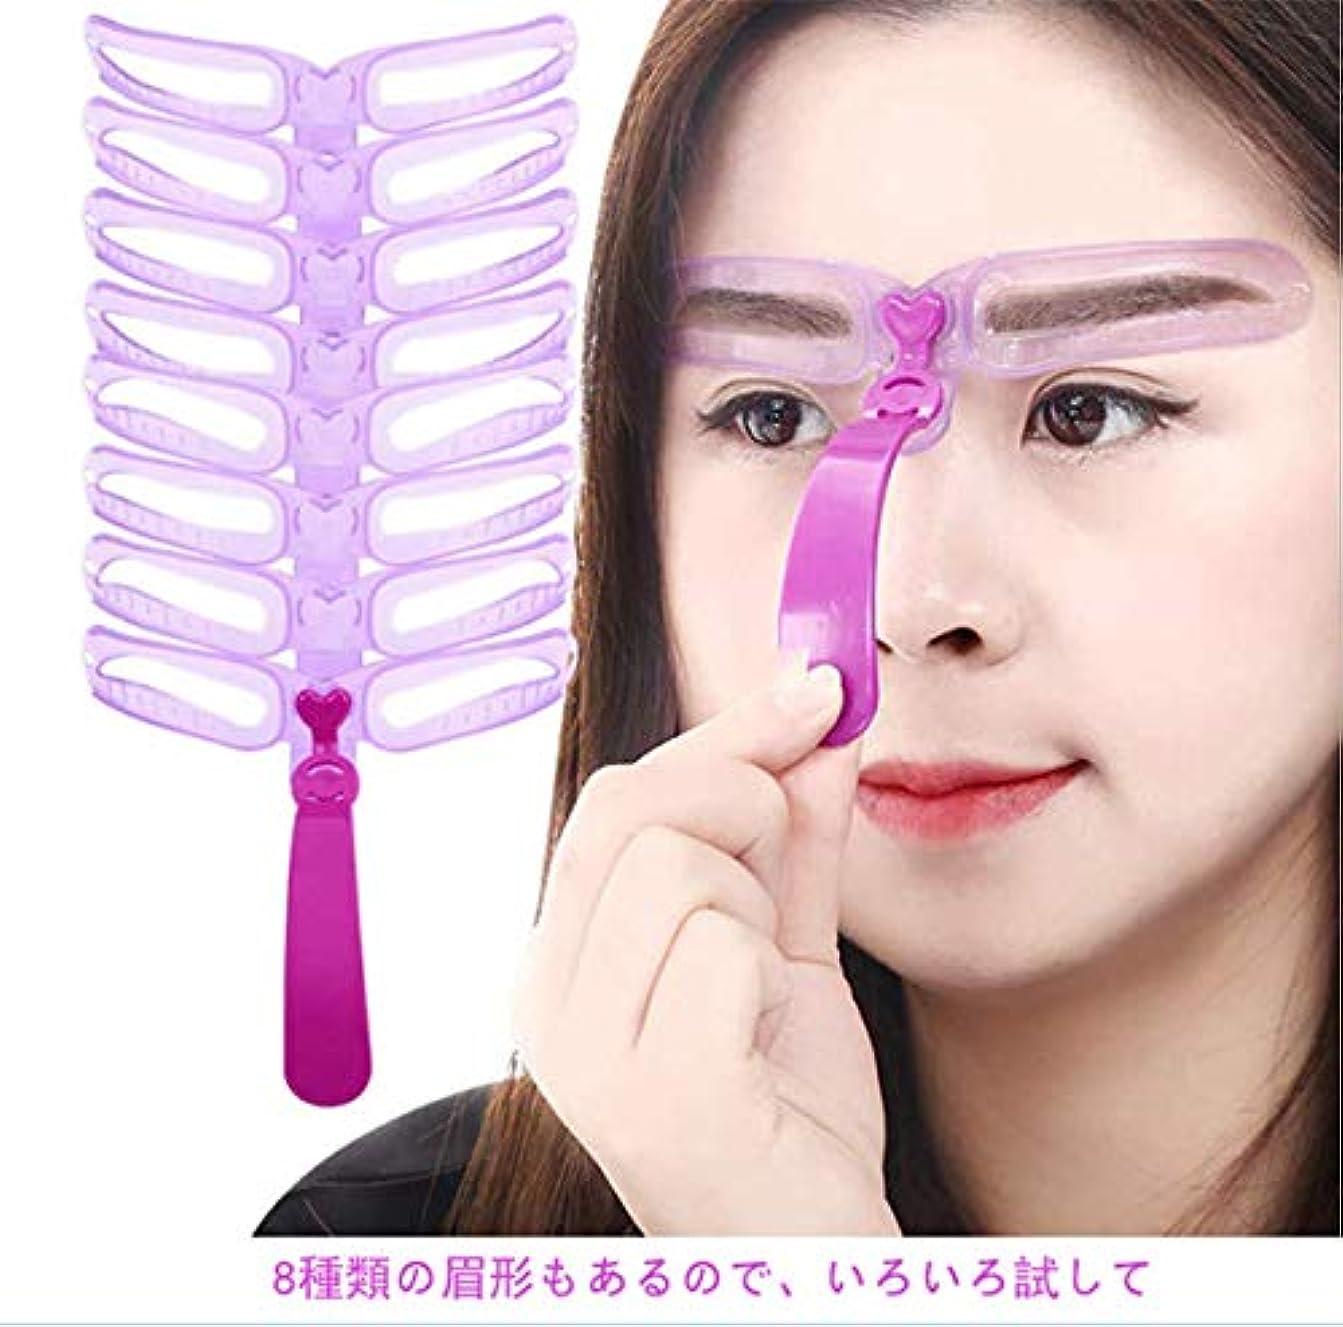 平和線冬眉毛テンプレート眉毛を気分で使い分け 8パターン 眉用ステンシル 男女兼用美容ツール